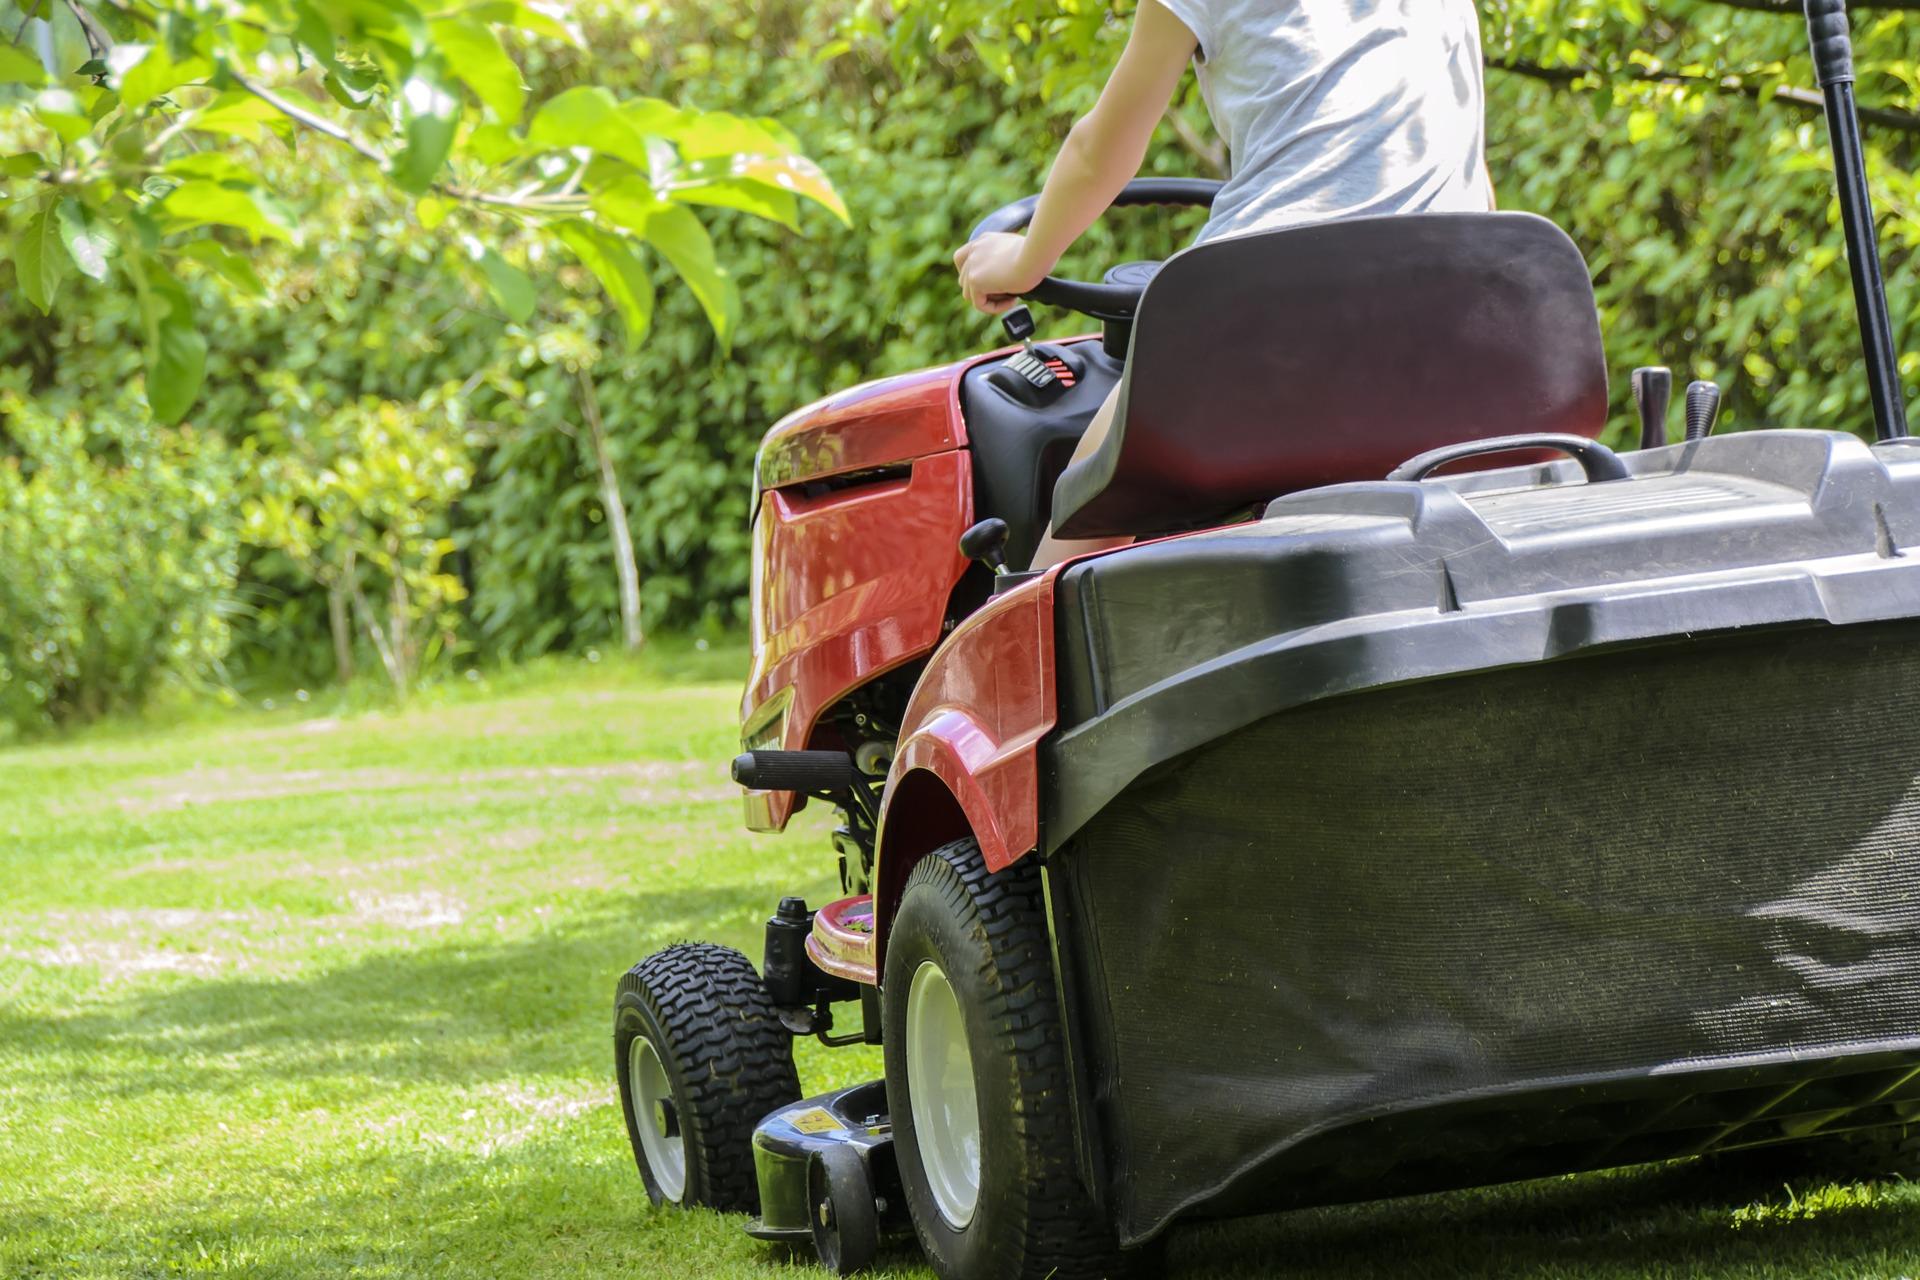 Tipy pro udržování trávníku od těch nejpovolanějších